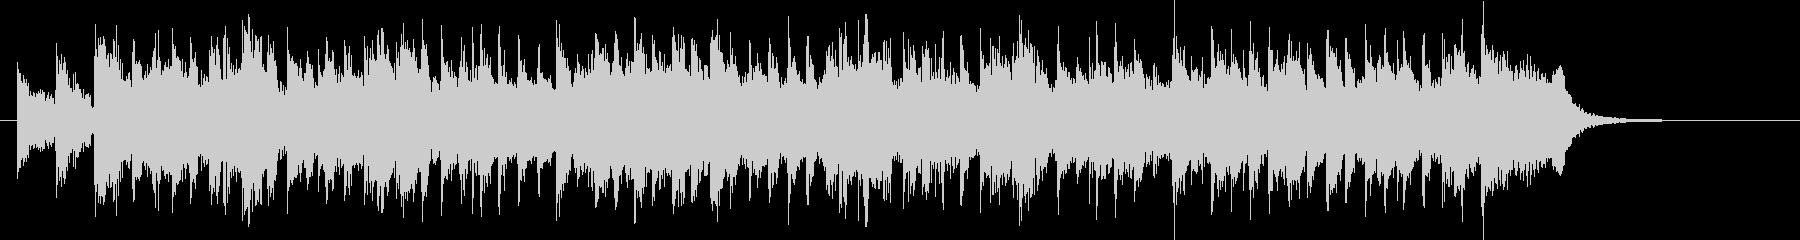 アーバンメロウなフリー・ソウルの未再生の波形